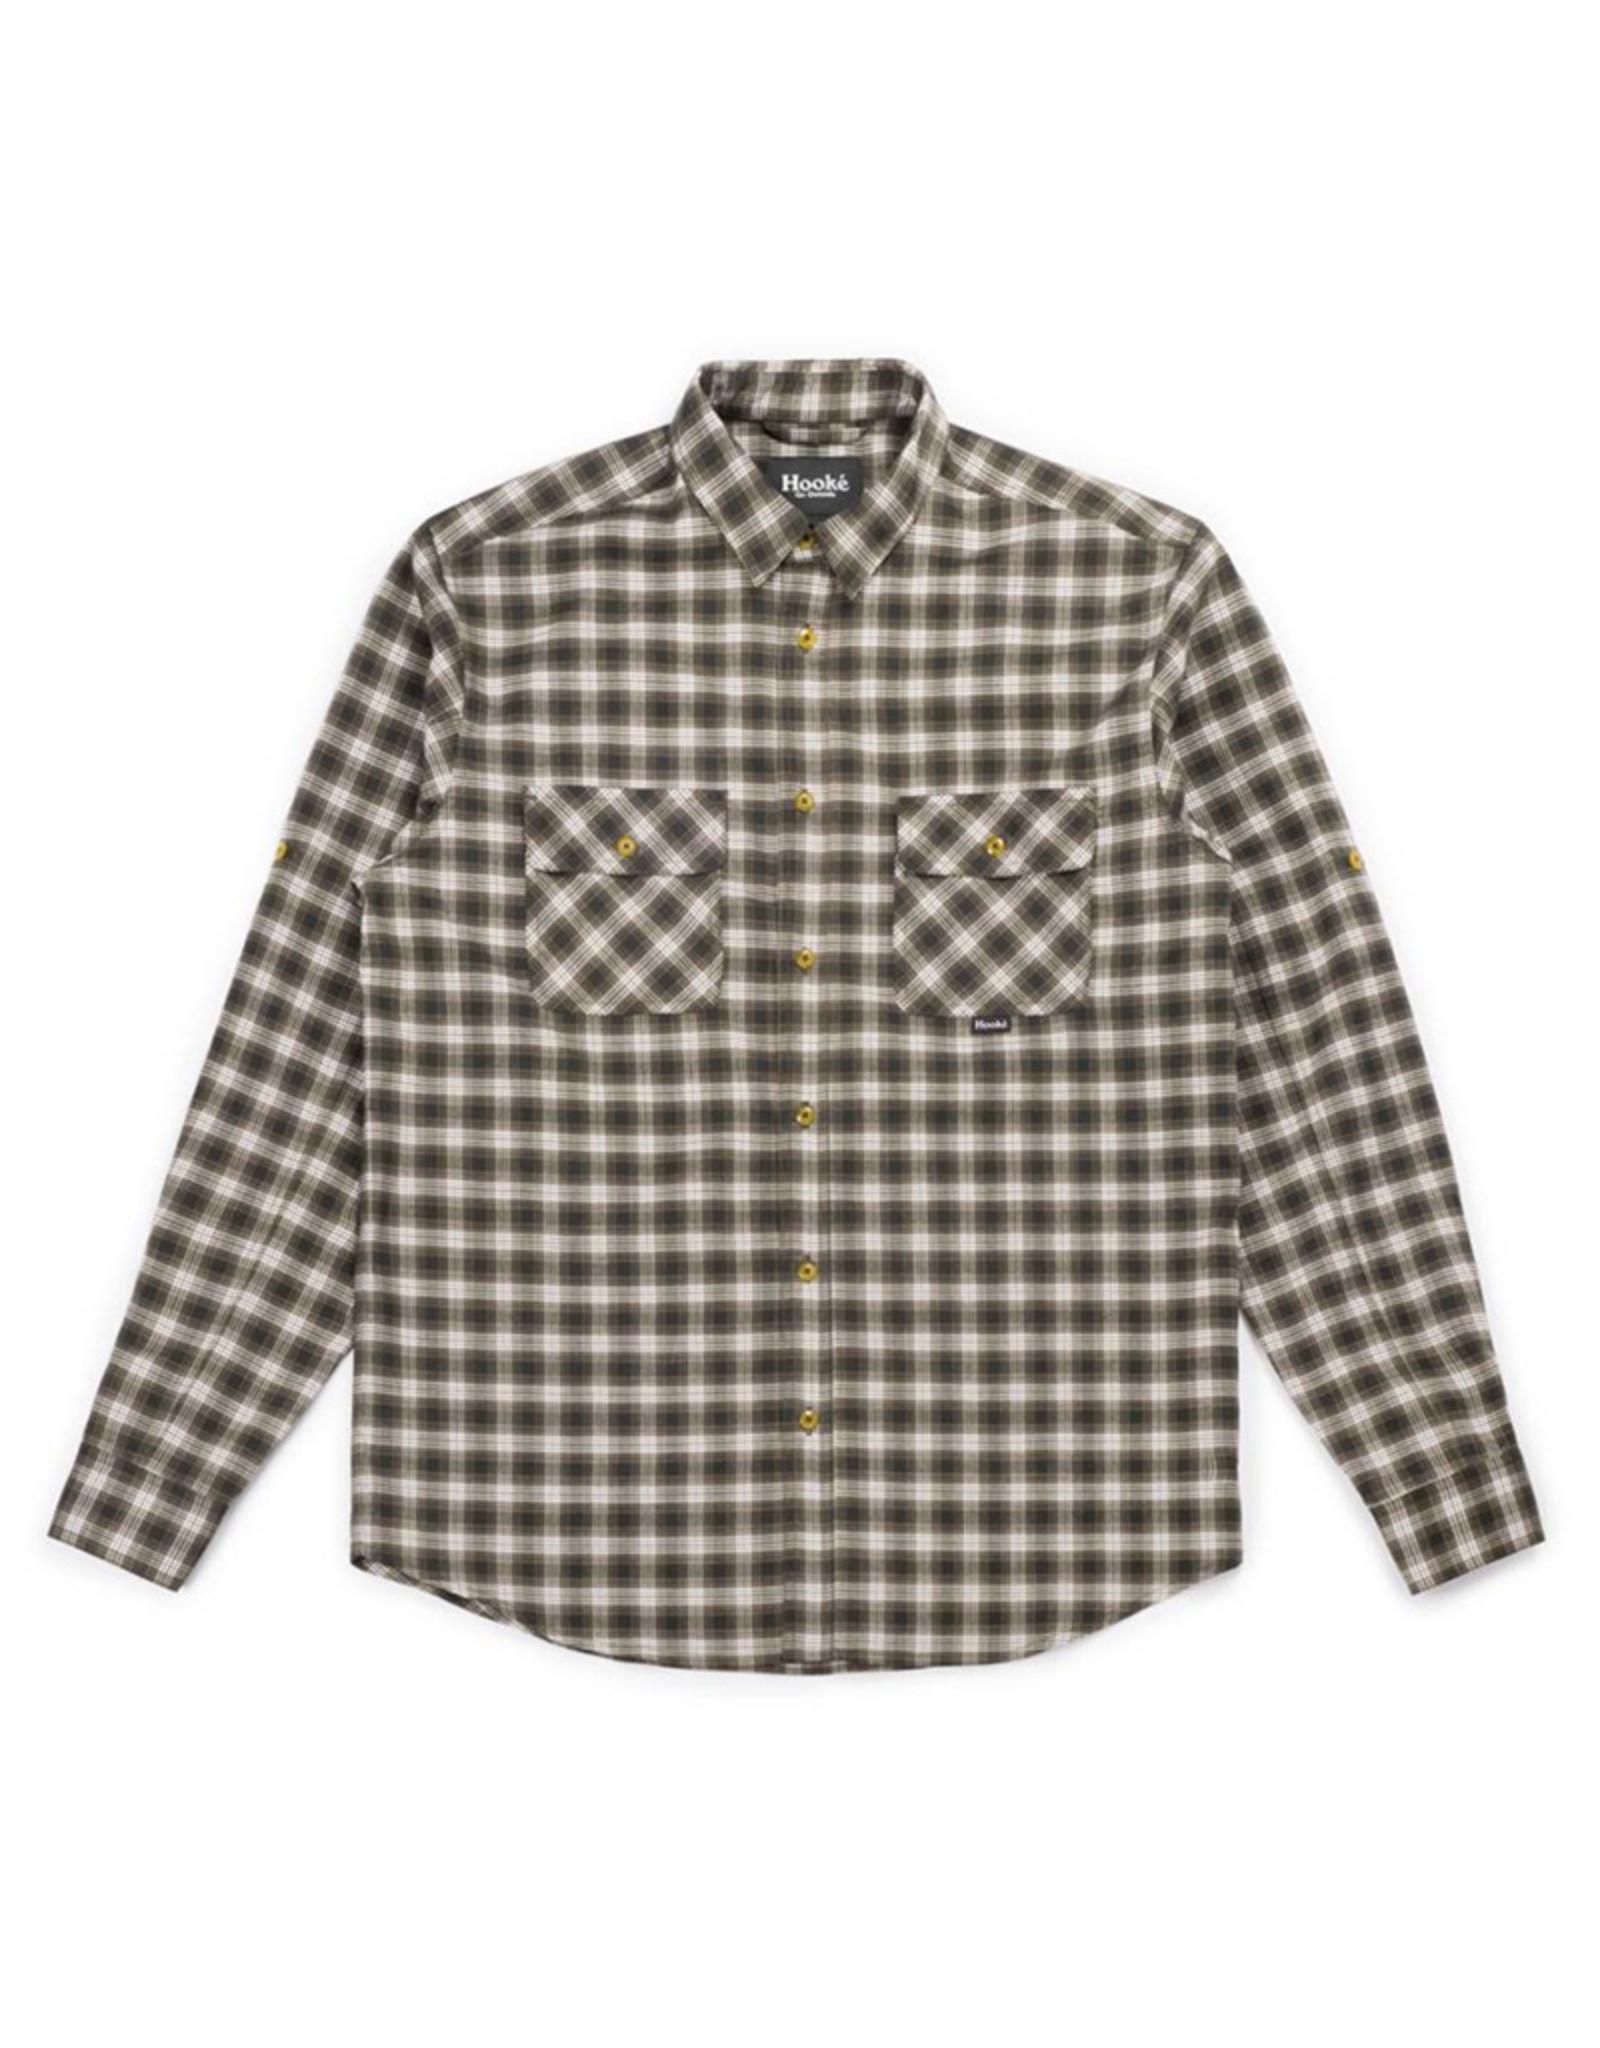 Hooké Hooké Matapedia Shirt